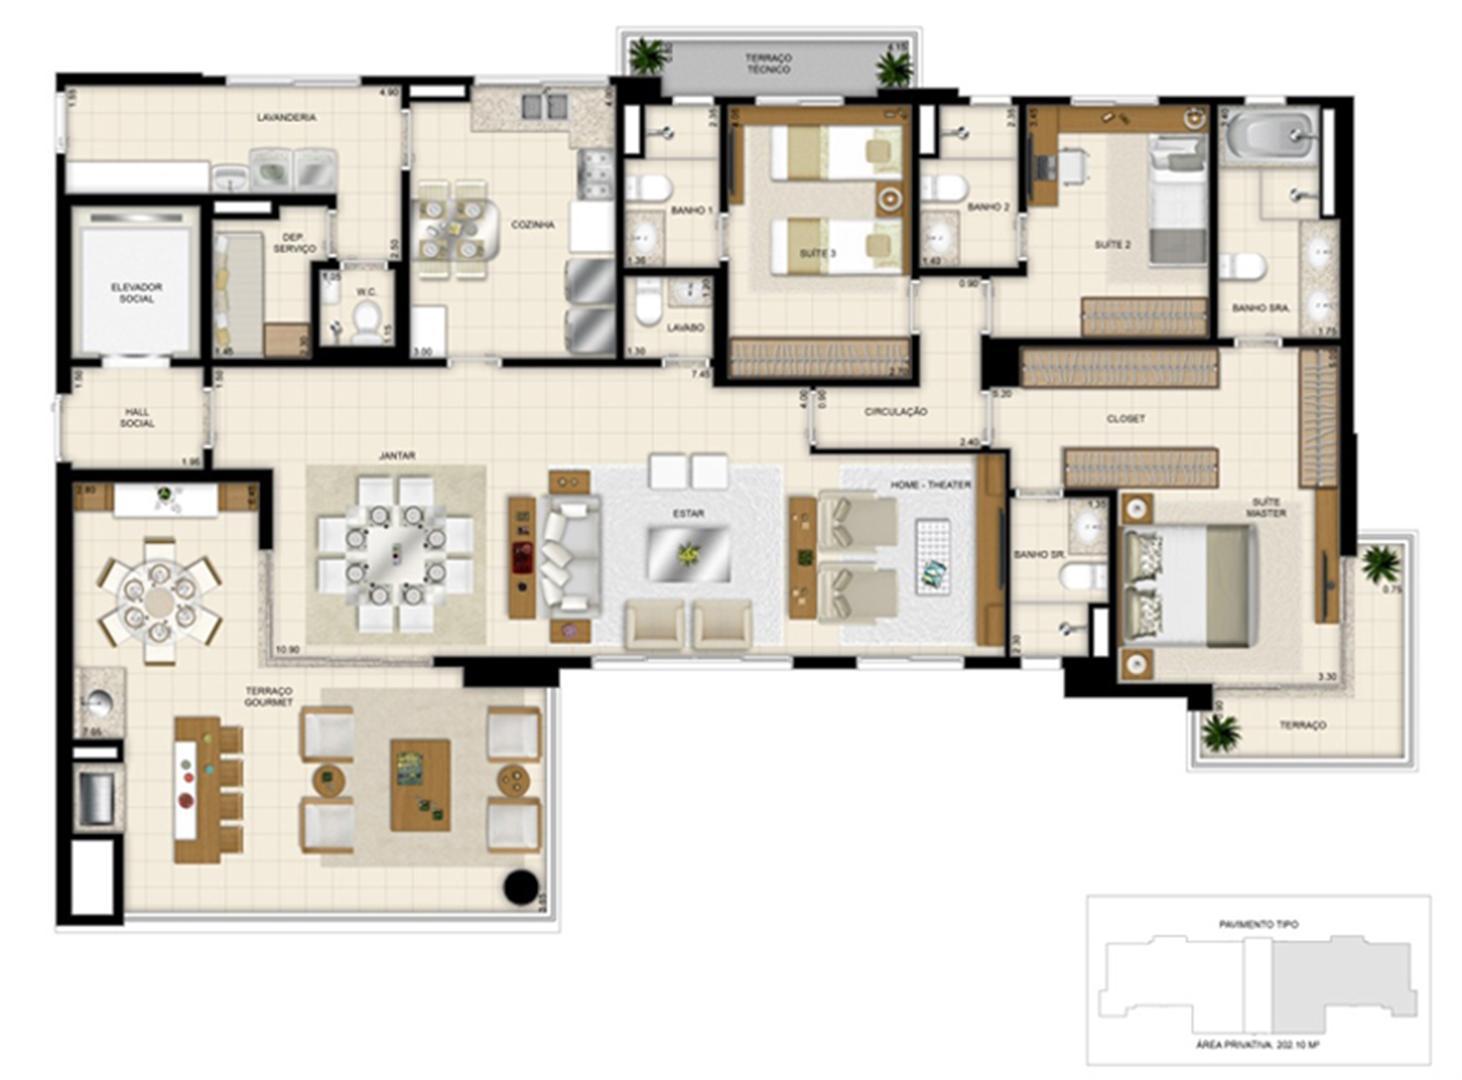 Planta tipo ilustrada do apartamento de 202m² - Opção ampliada | 395 Place – Apartamento em  Umarizal  - Belém - Pará